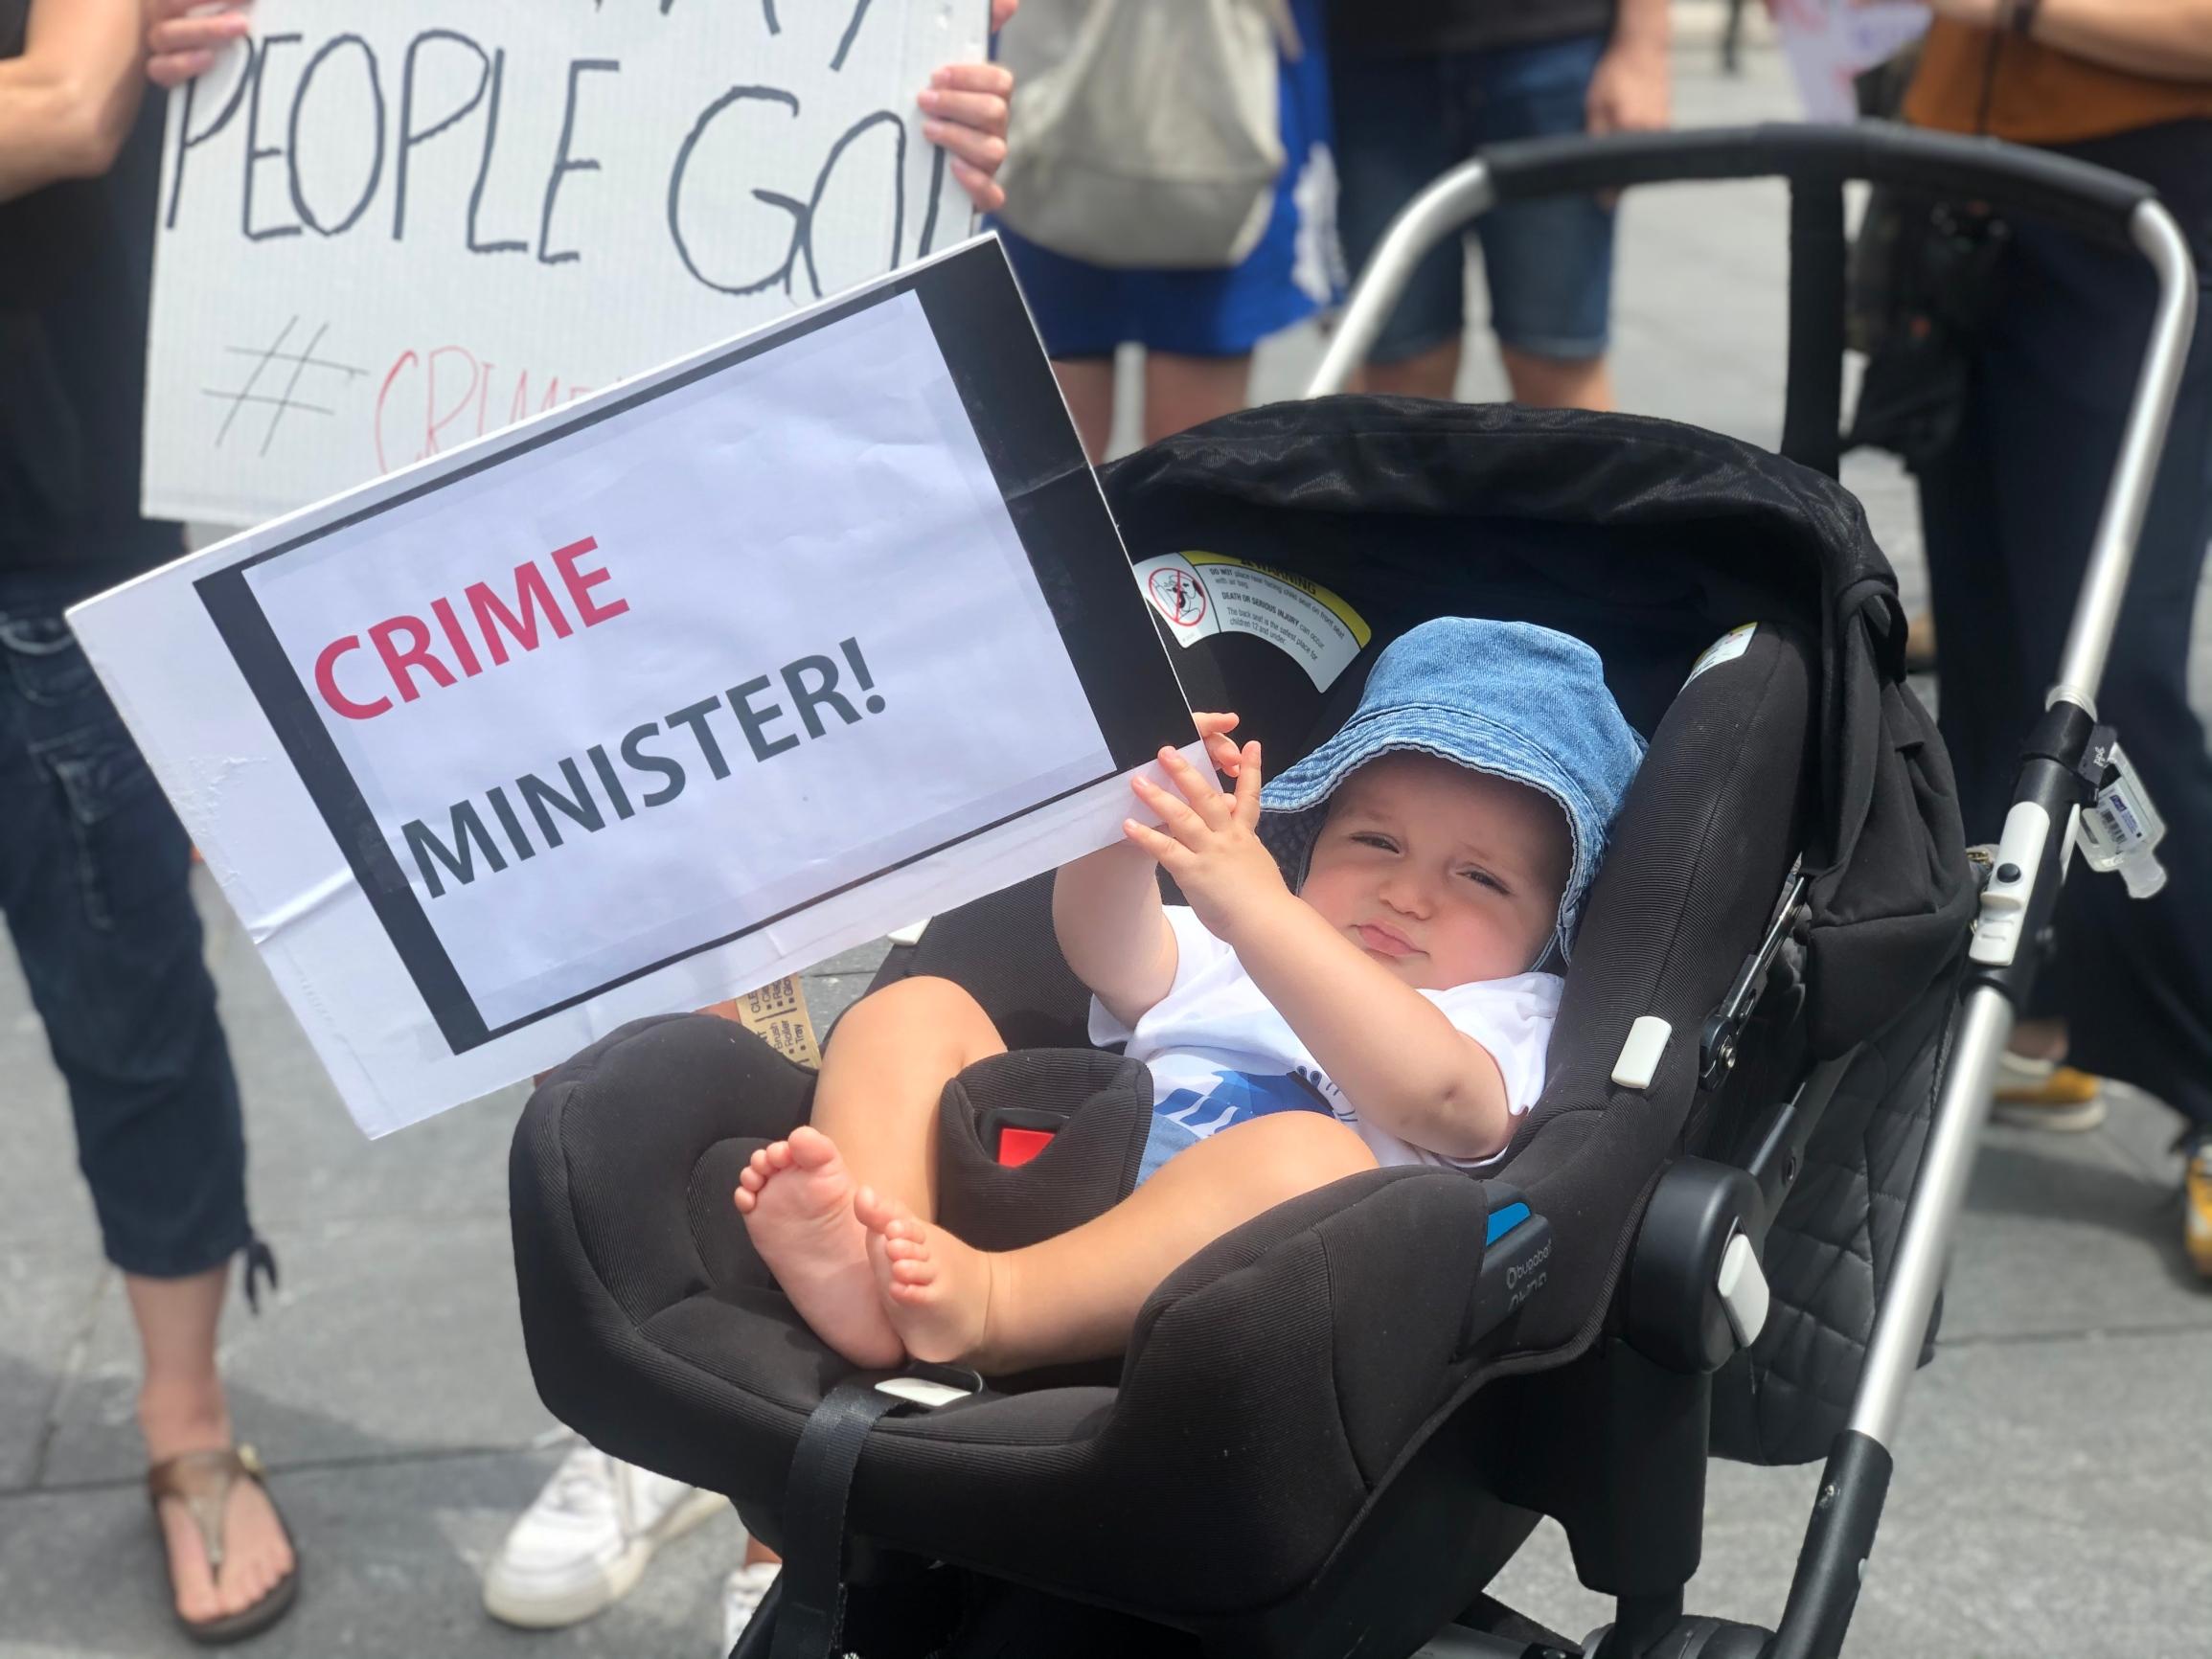 نیویورکیها هم به تظاهرات علیه نتانیاهو پیوستند /////